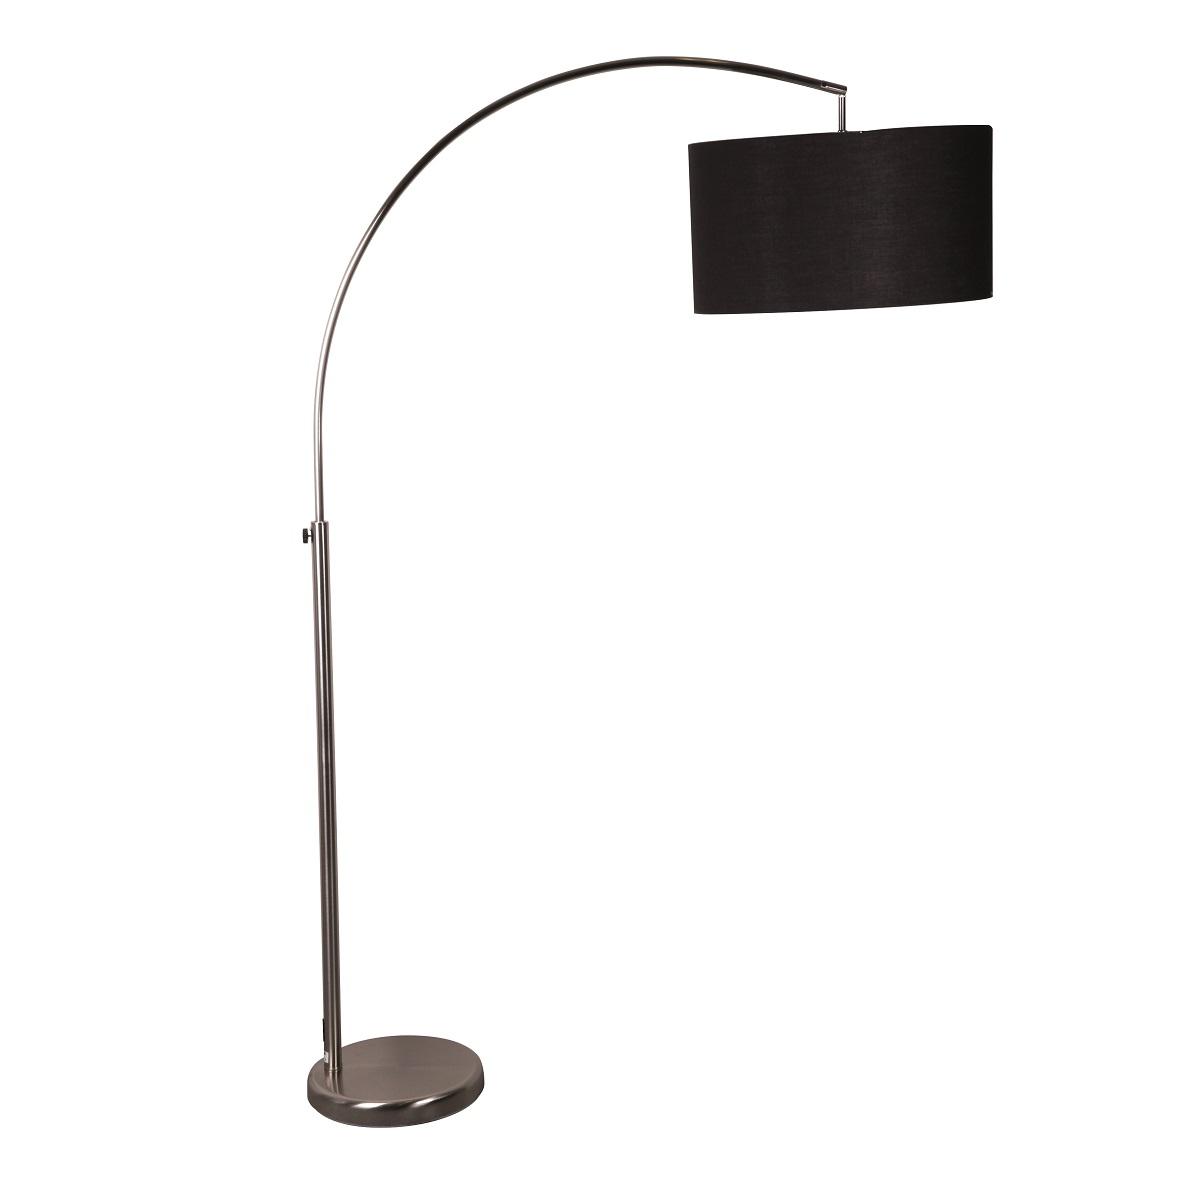 bogen stehlampe free w led feder bogen stehlampe schalter wei cm with bogen stehlampe finest. Black Bedroom Furniture Sets. Home Design Ideas